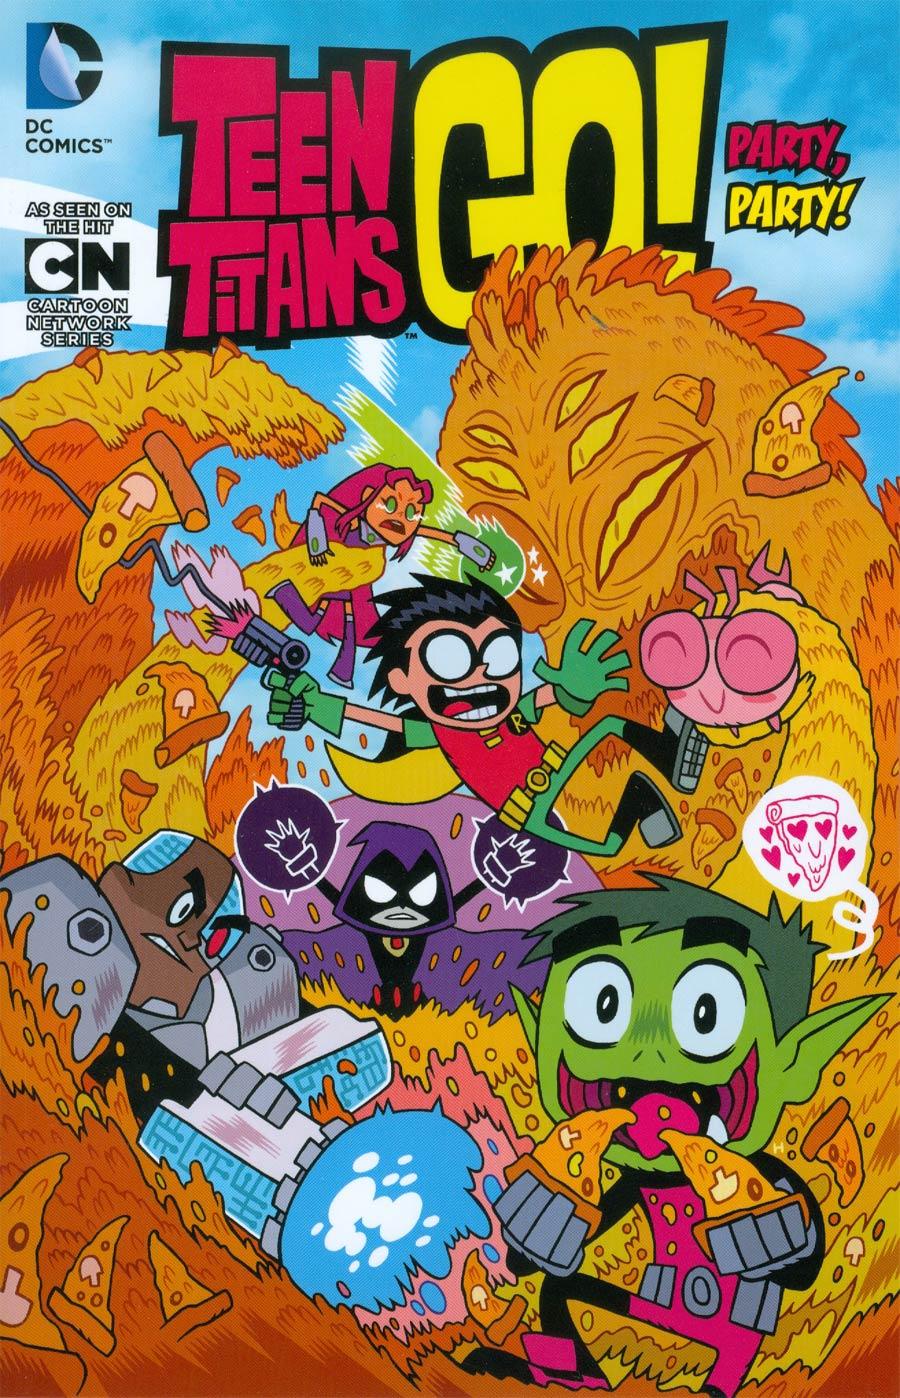 Teen Titans Go Vol 1 Party Party TP